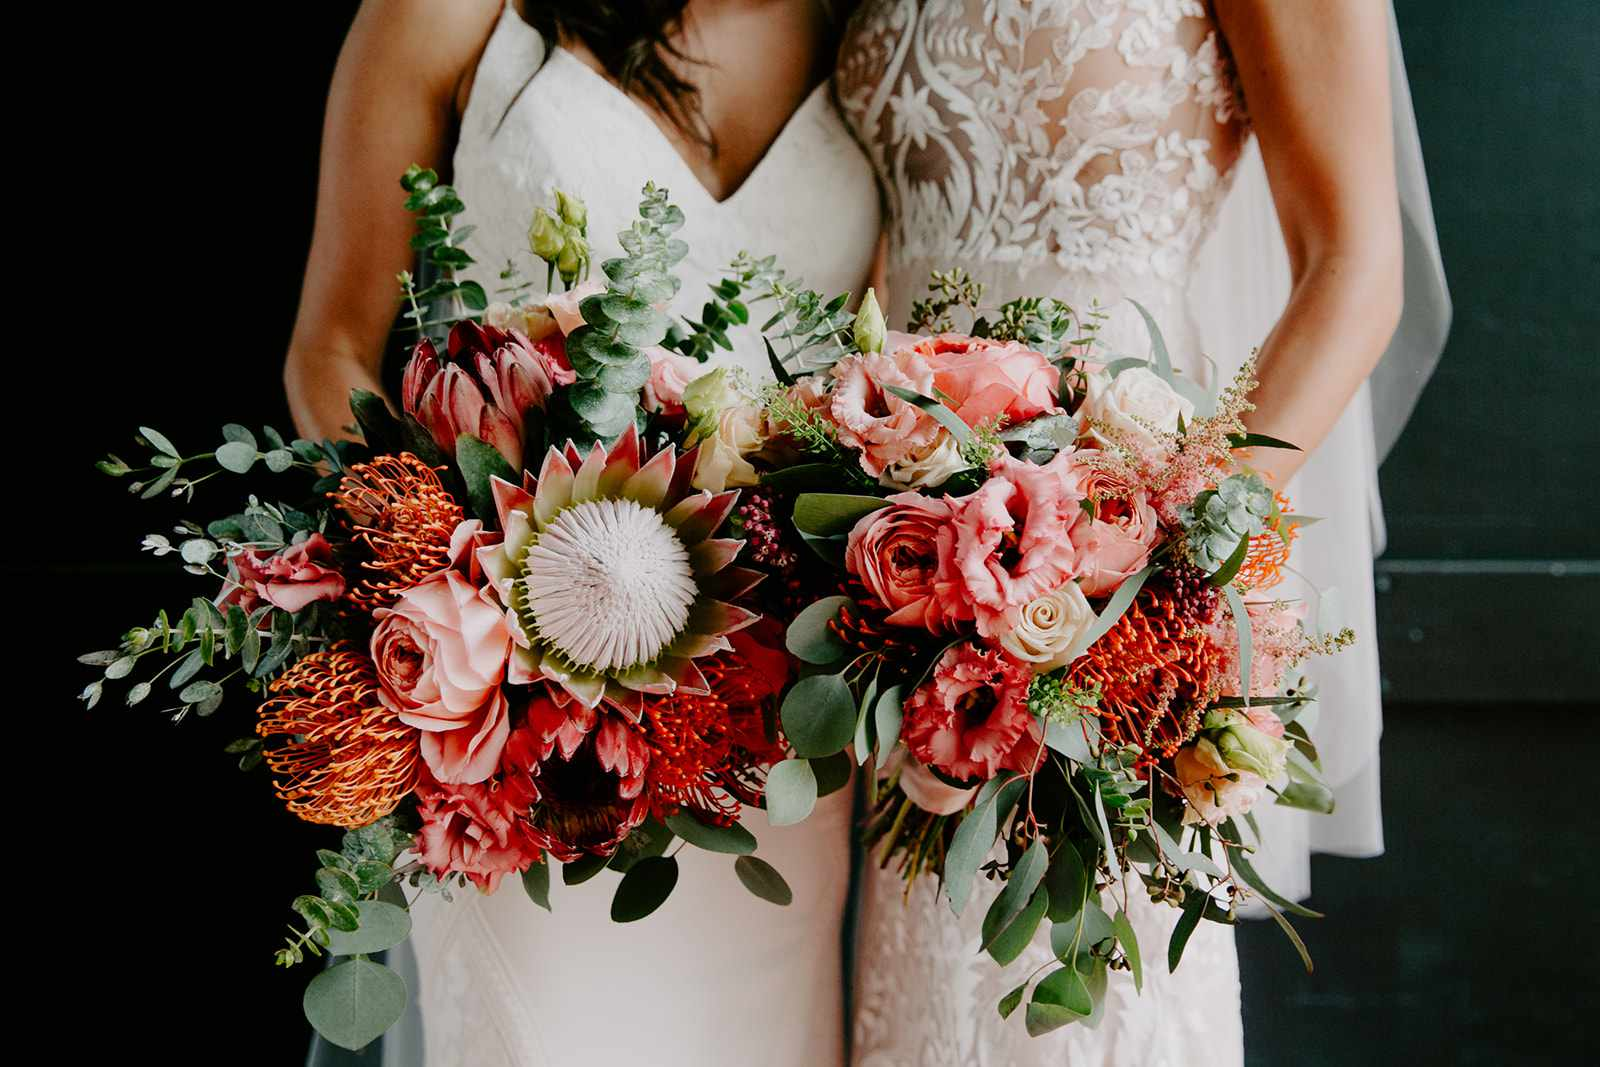 <p>brides' bouquets</p><br><br>